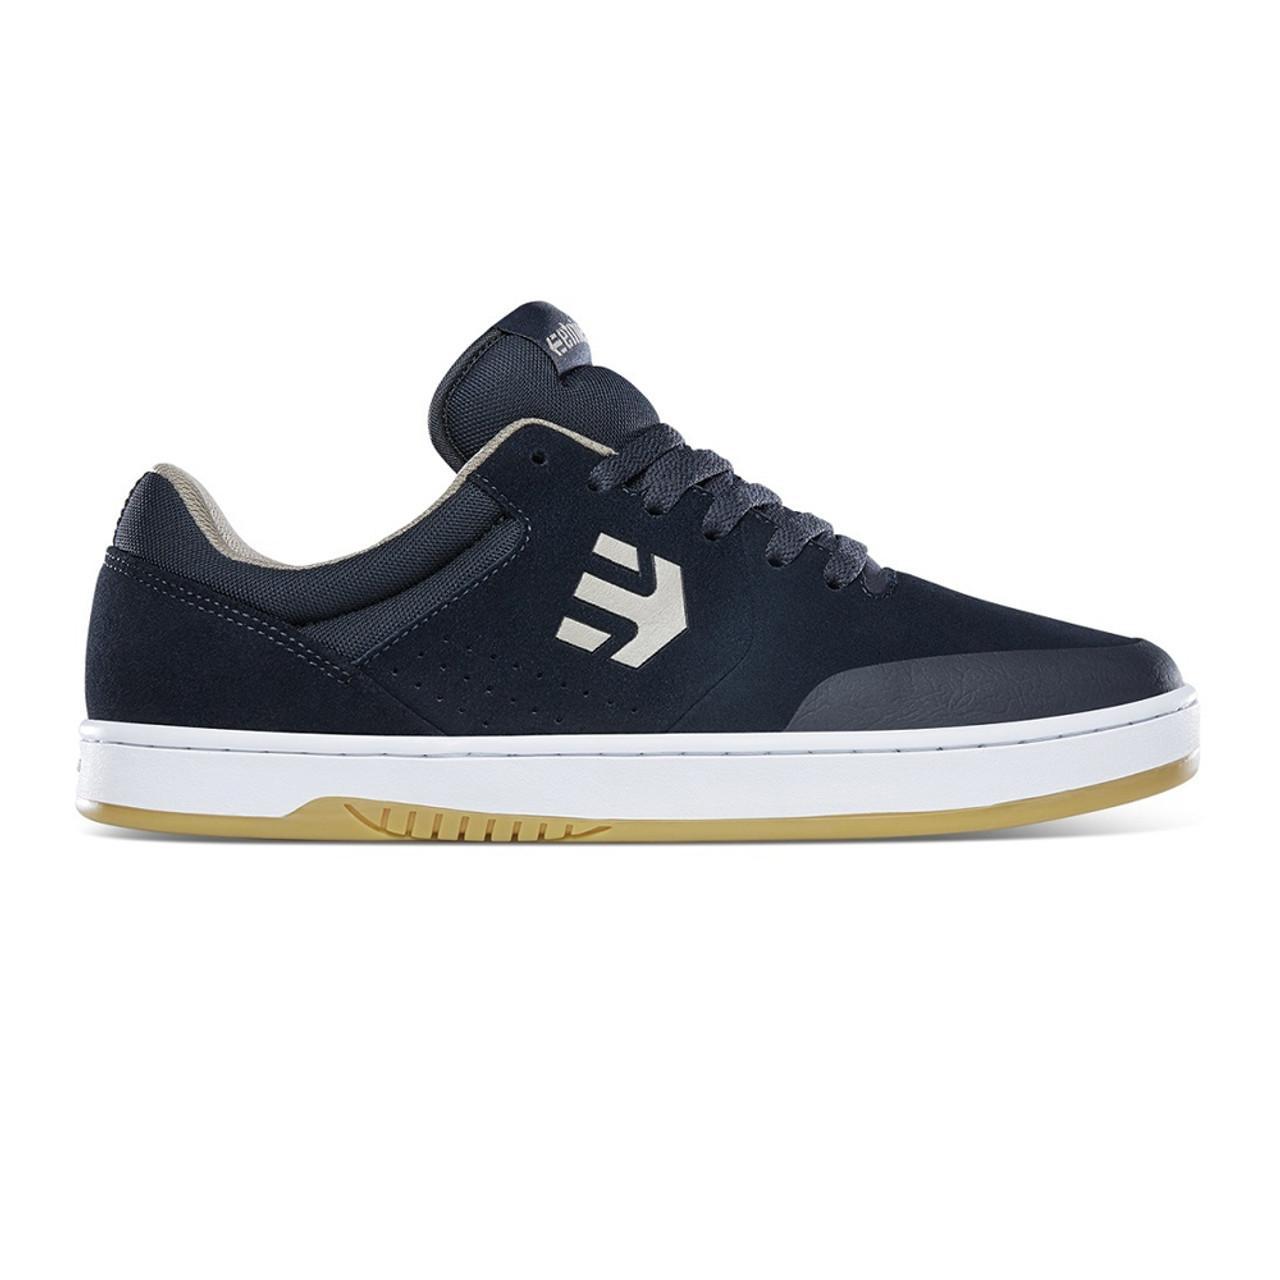 ETNIES Marana Shoes Navy/Tan